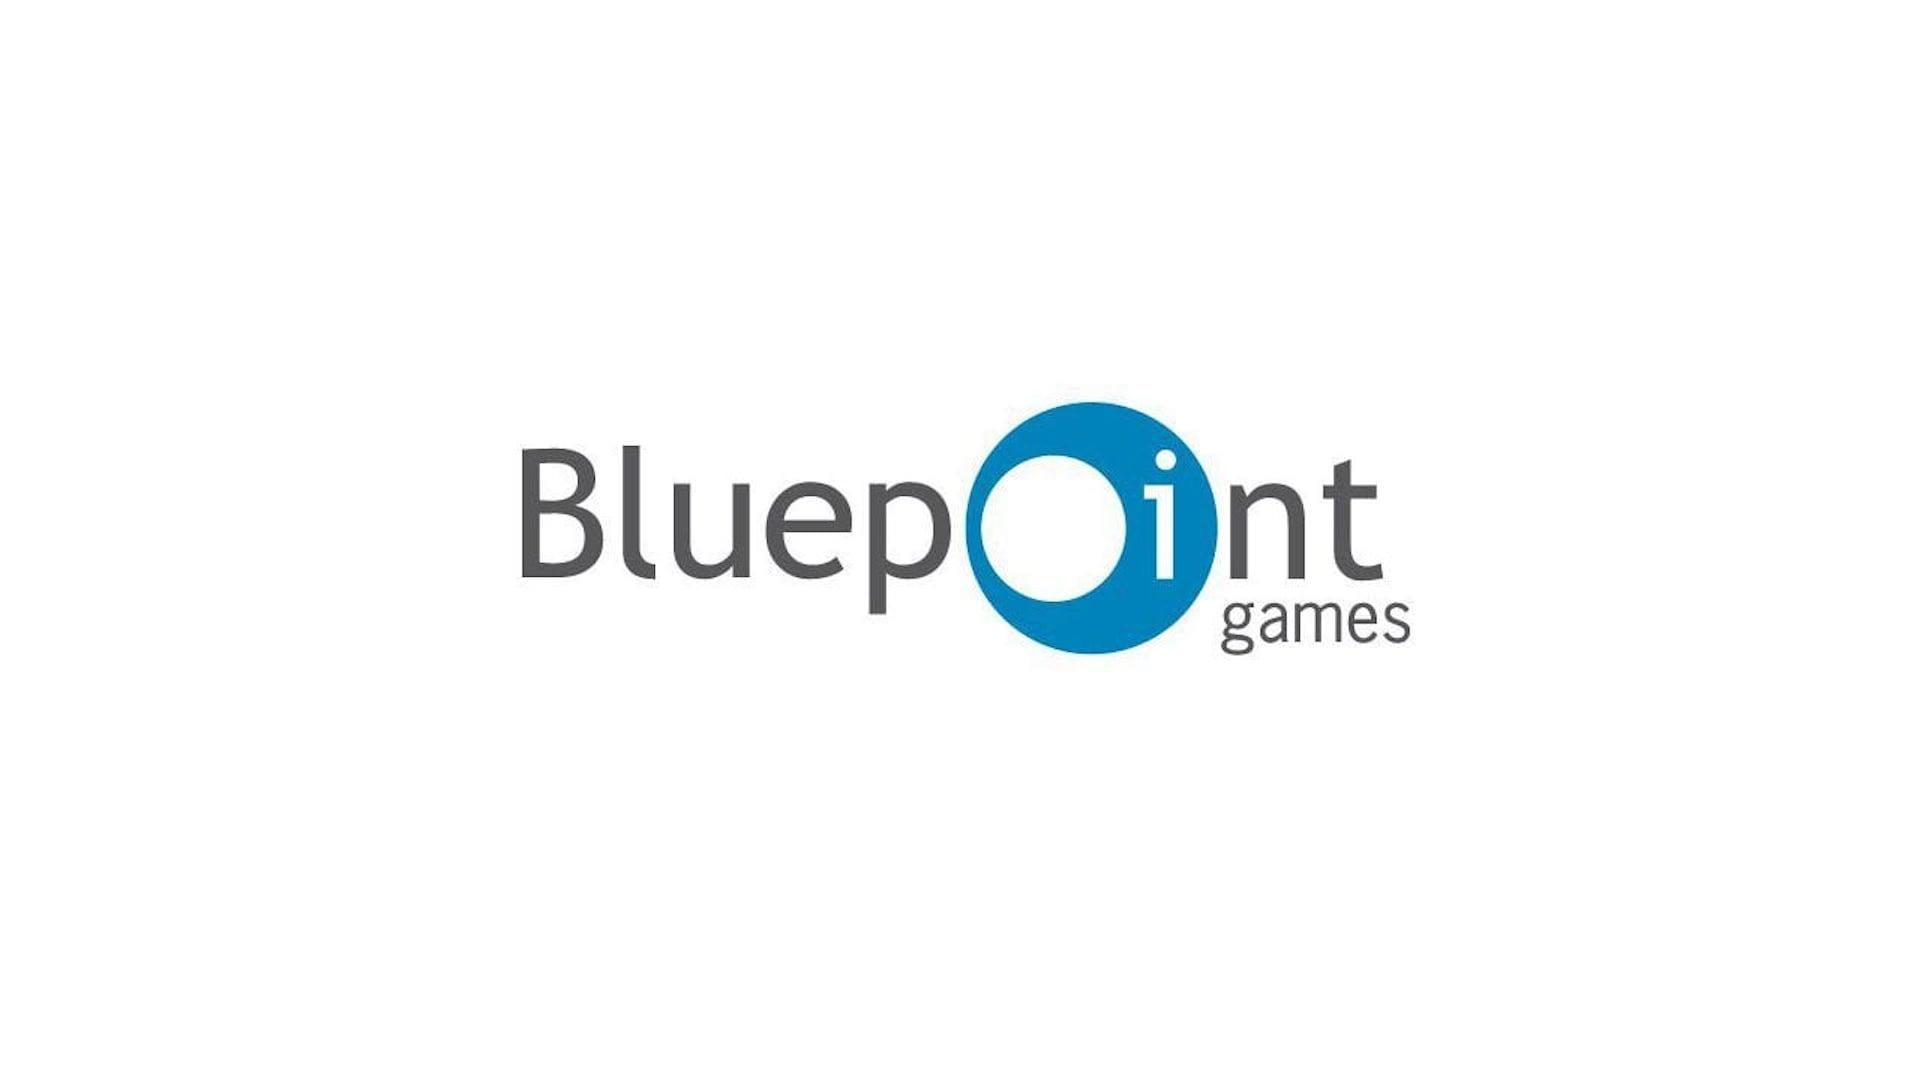 گزارش: سونی هنوز هم در حال مذاکره برای مالکیت BluePoint Games است